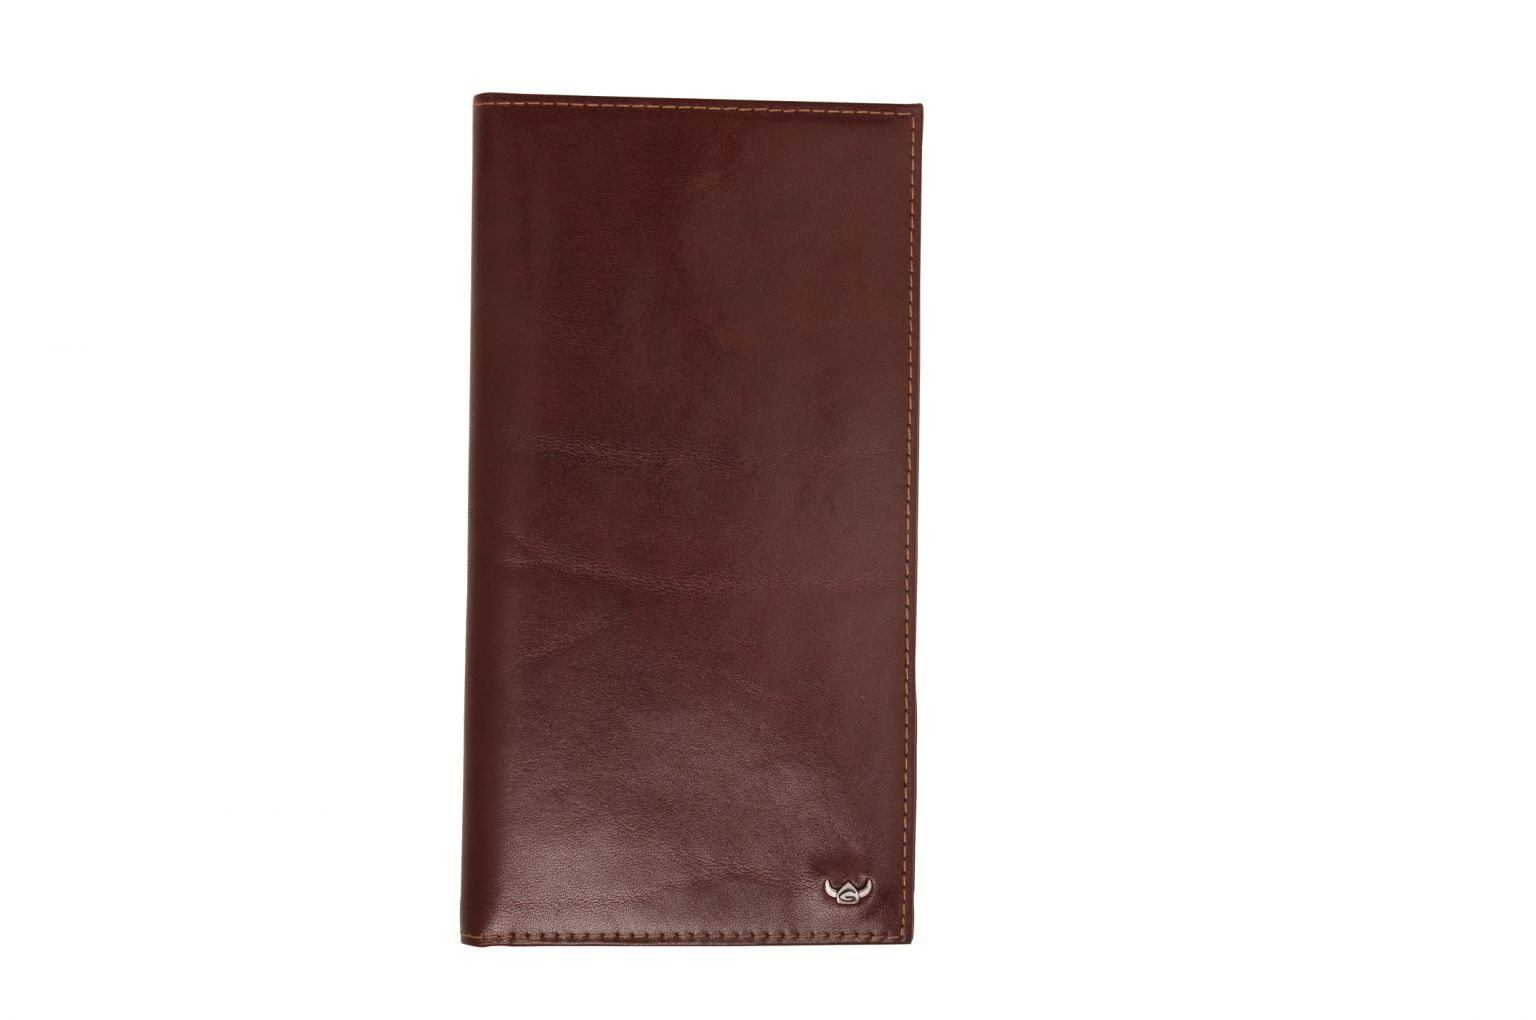 Golden Head Colorado Kreditkarten-Brieftasche tabacco